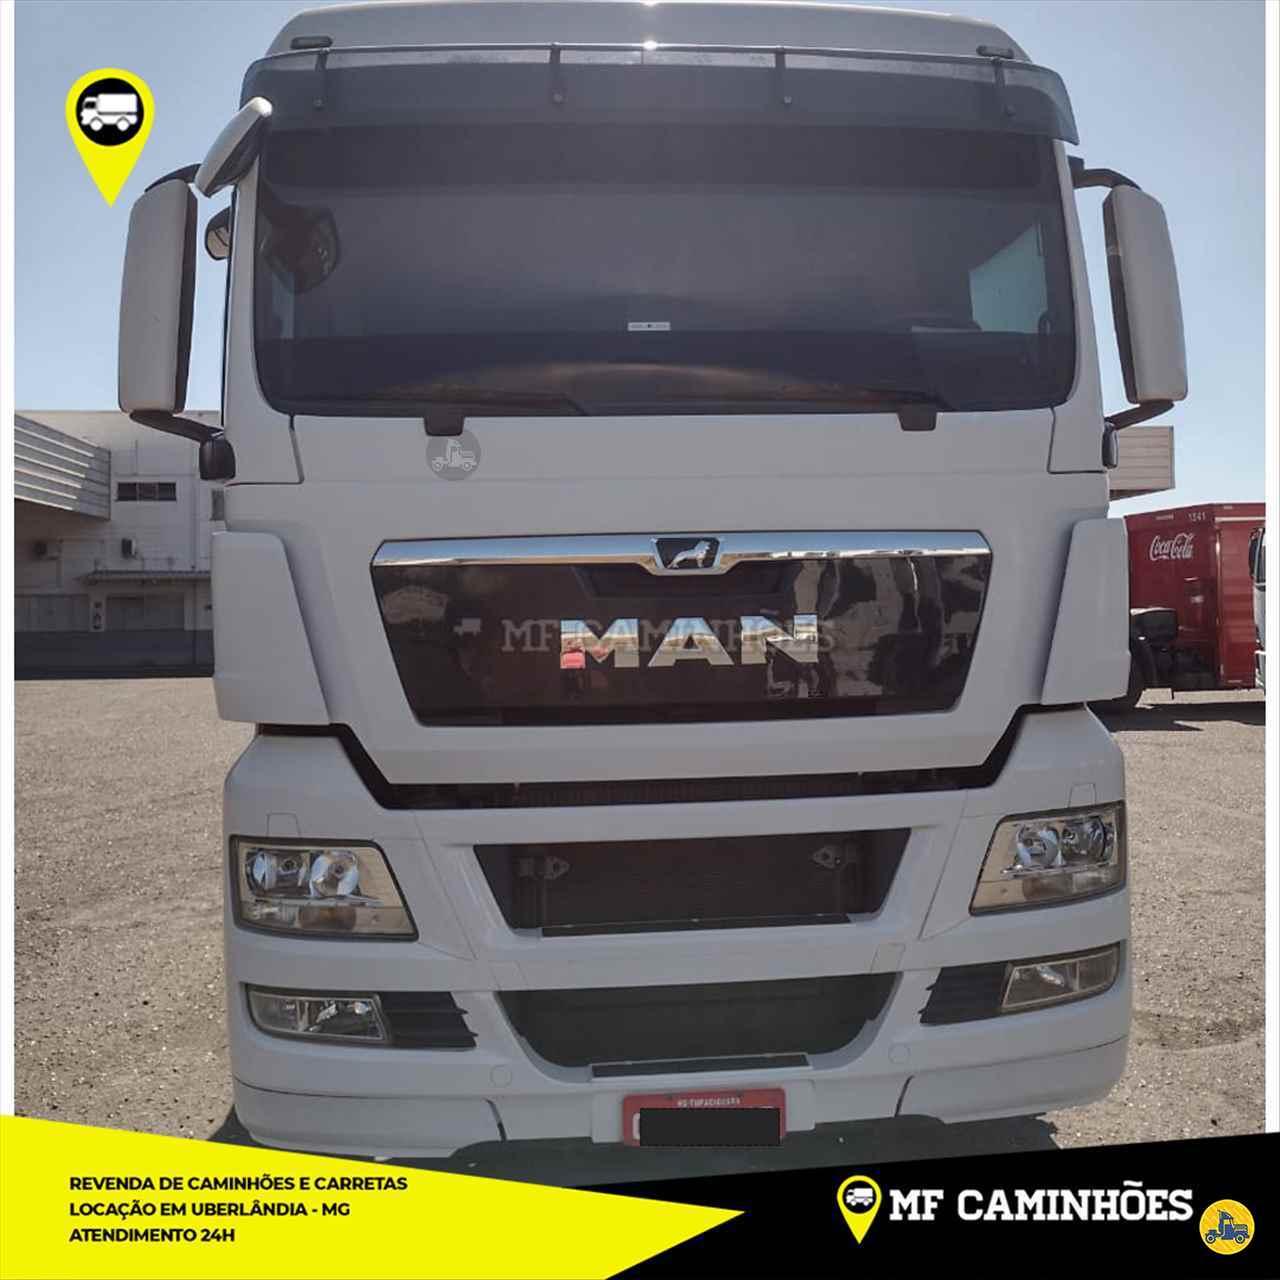 CAMINHAO MAN TGX 29 480 Cavalo Mecânico Truck 6x2 MF Caminhões UBERLANDIA MINAS GERAIS MG